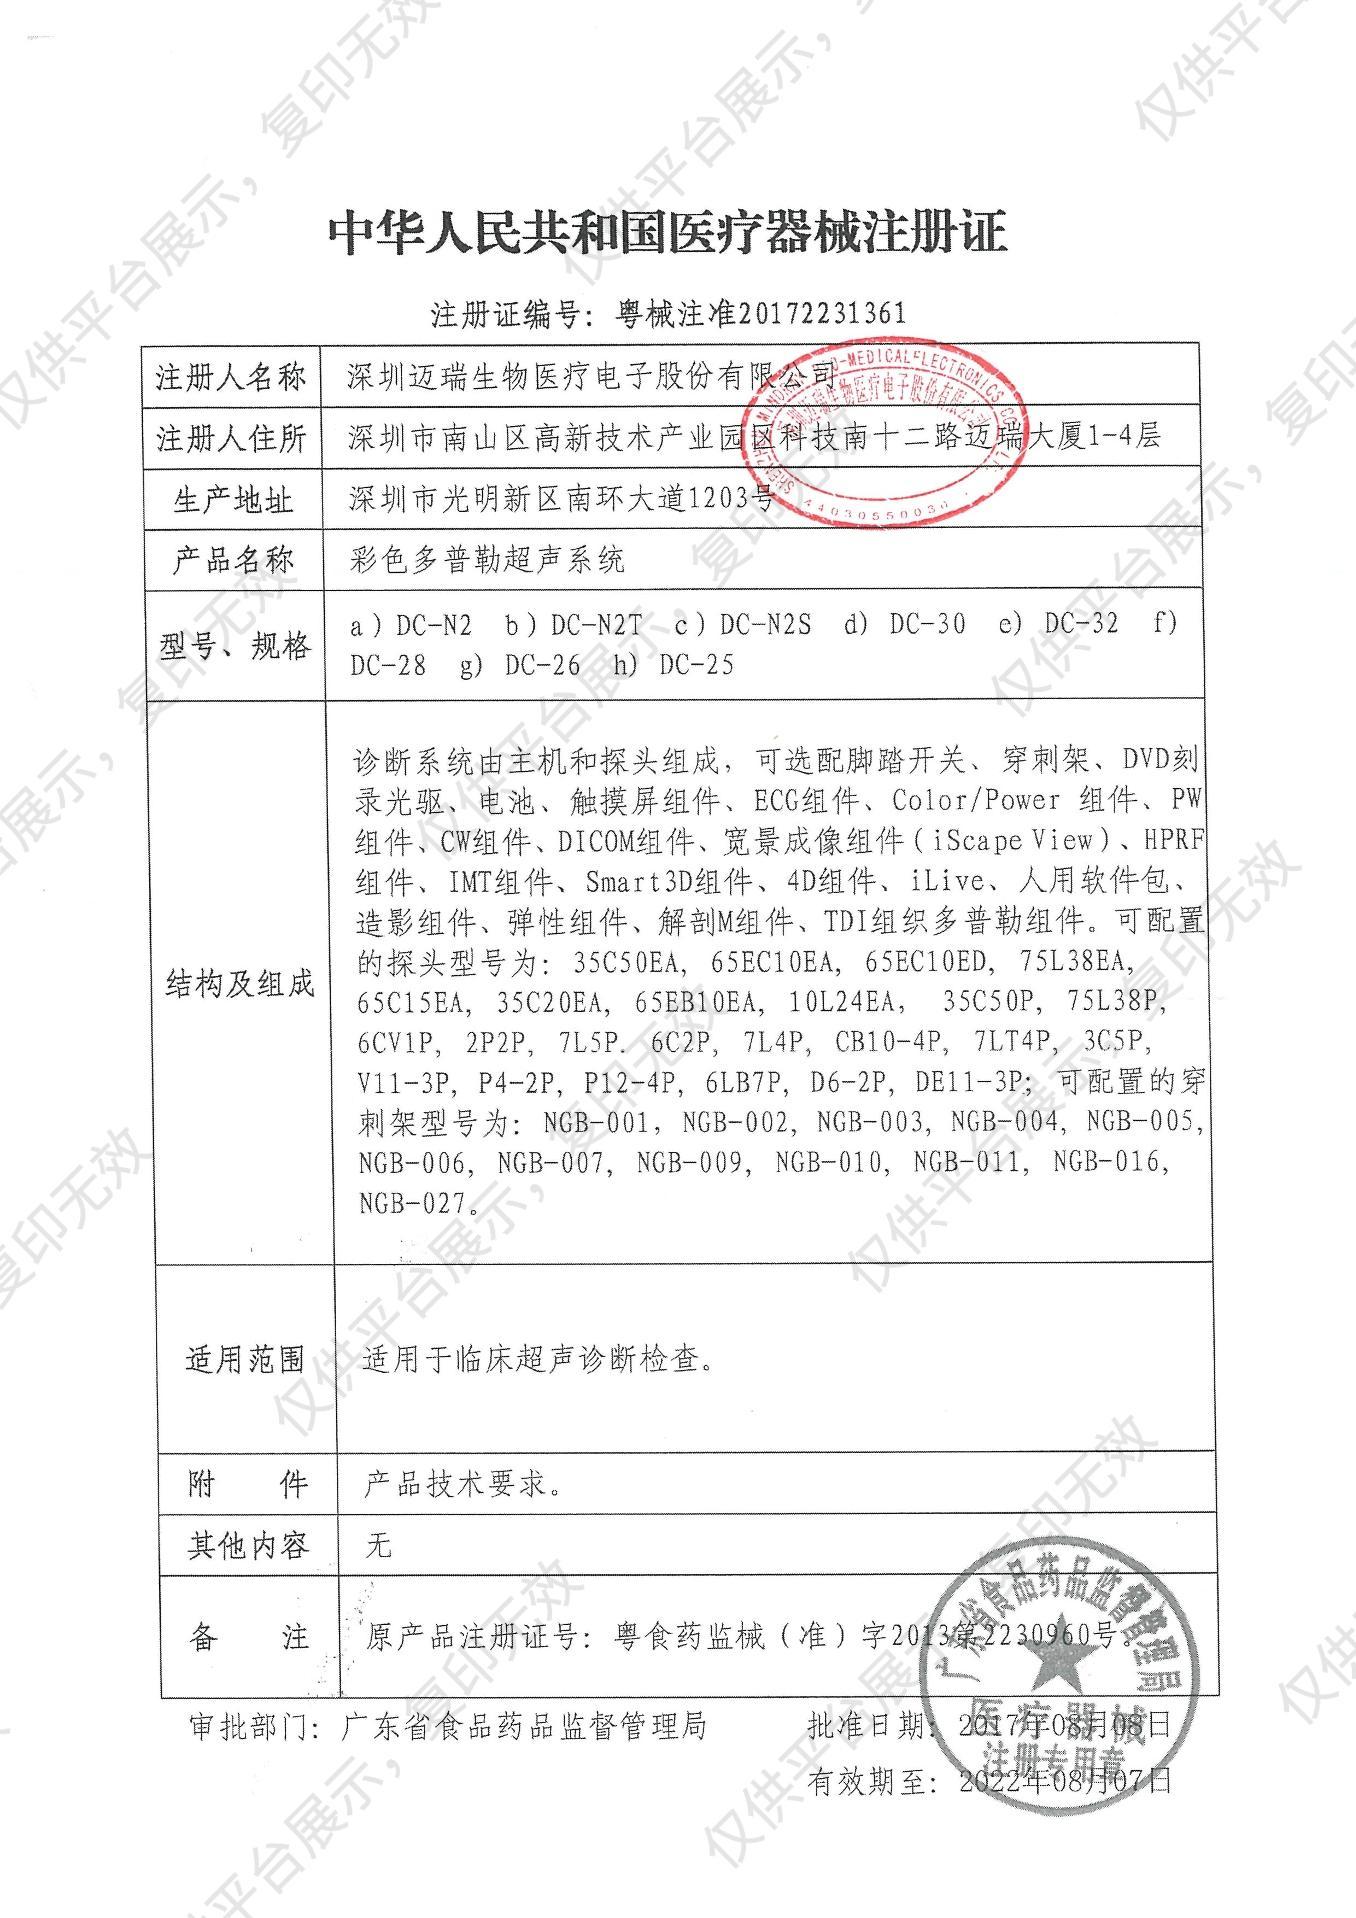 迈瑞(Mindray) 彩色多普勒超声系统 DC-N2S(不含电脑工作站)注册证